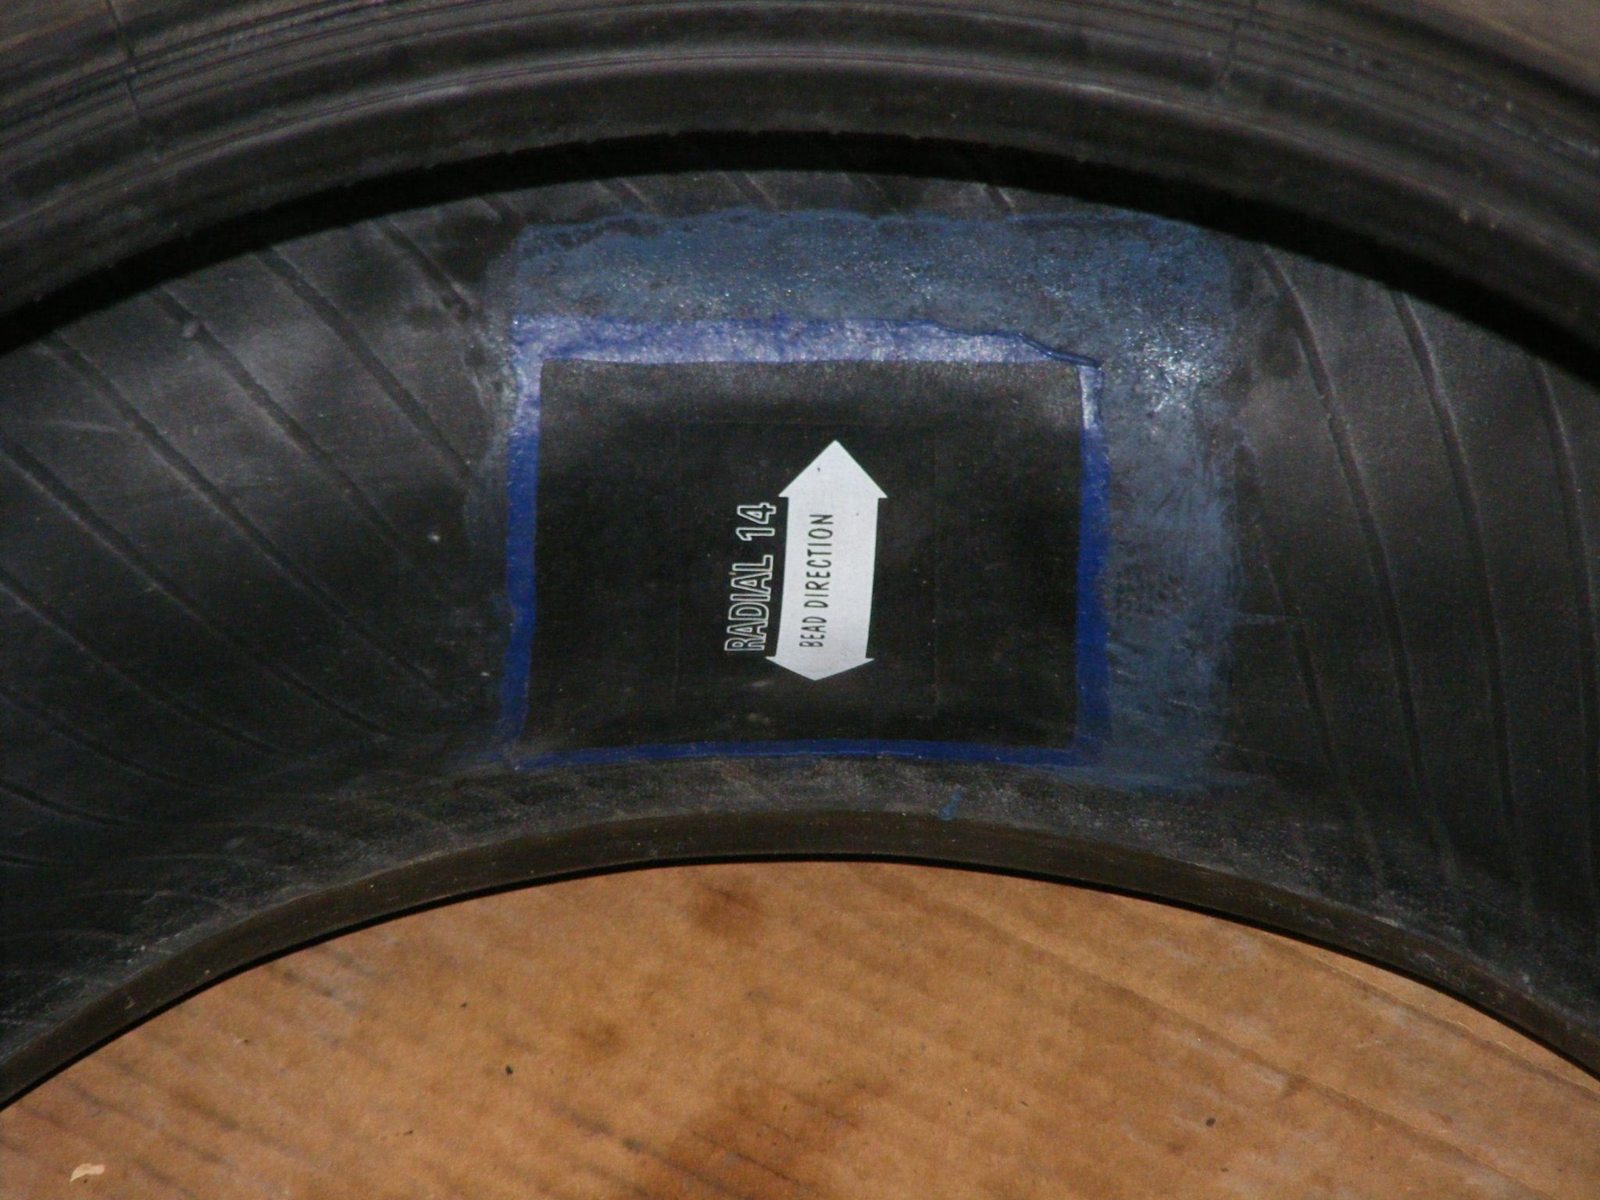 Вулканизация шин. Professional24 – ремонт автомобильных шин холодной вулканизацией. Установки жгутов, установка латок. Выездной шиномонтаж